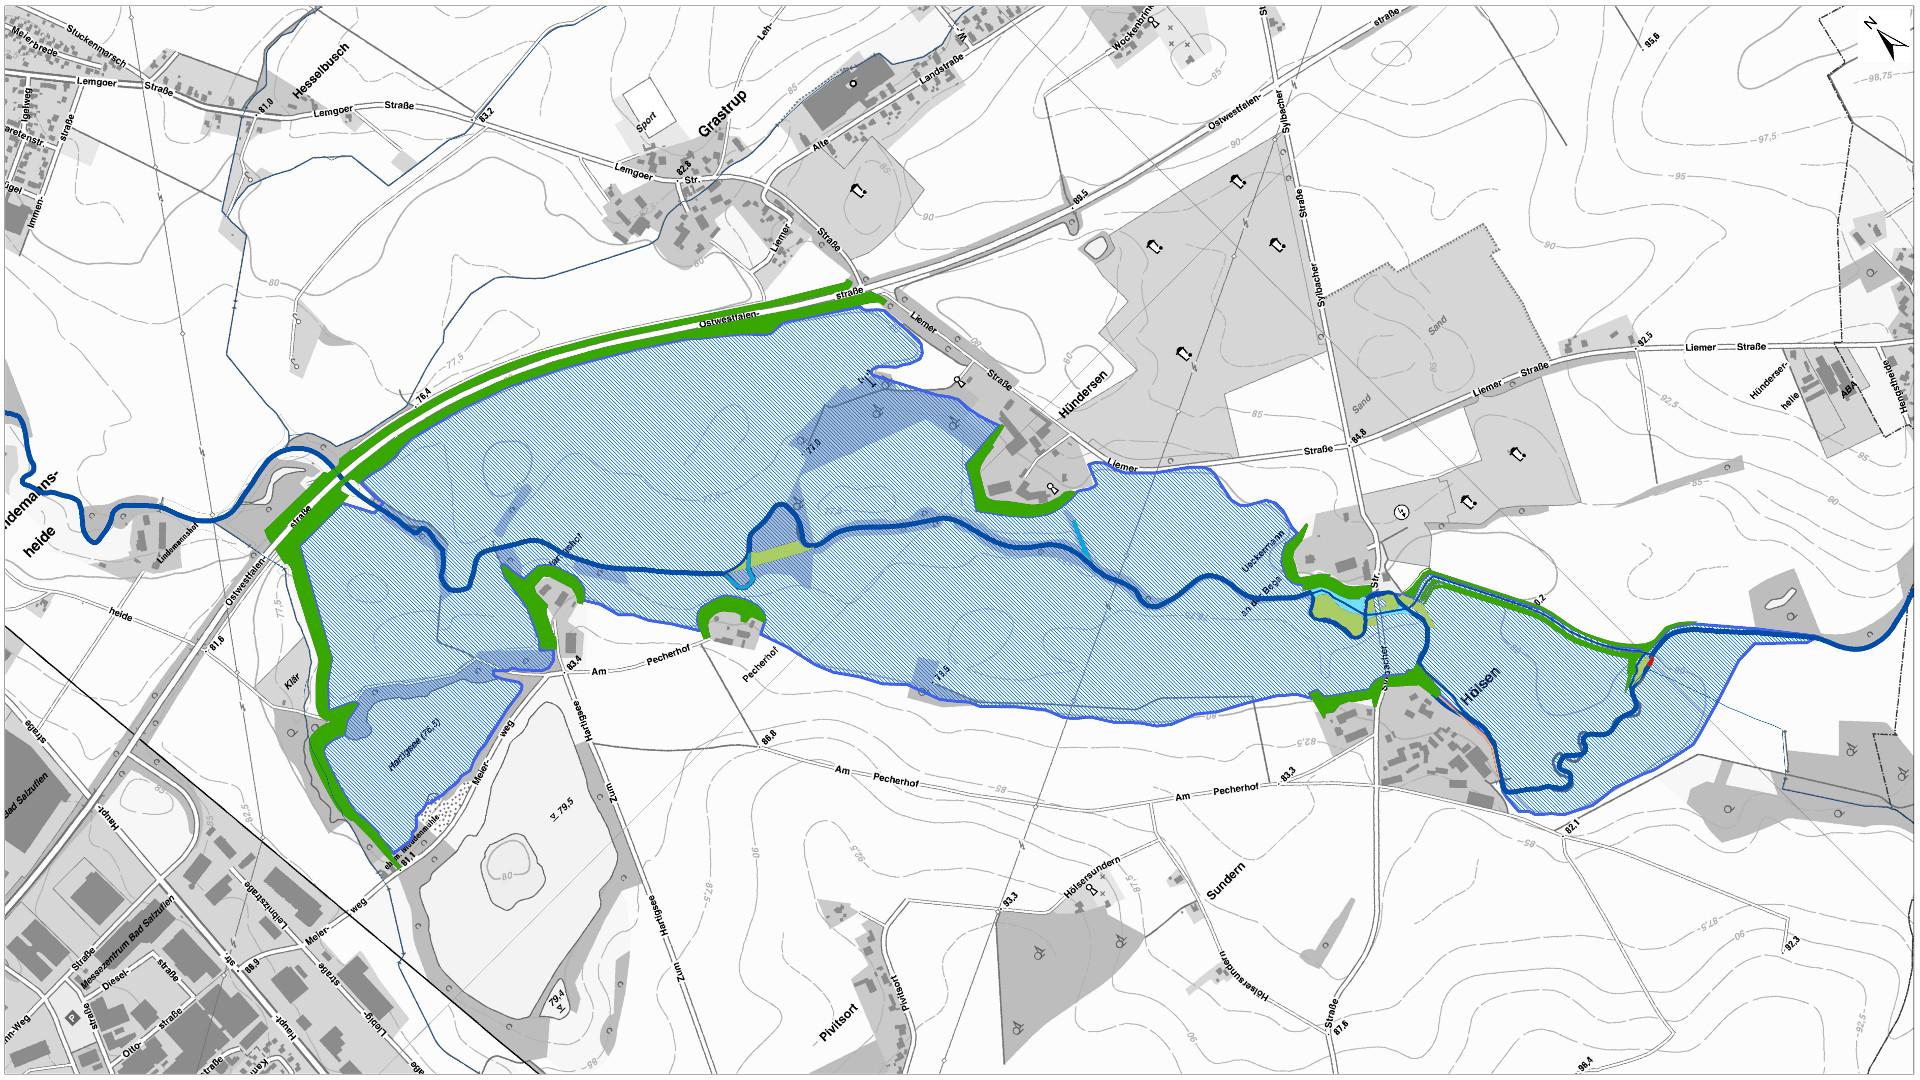 Übersichtslageplan mit Einstaufläche (blau) und Deichanlagen (grün)